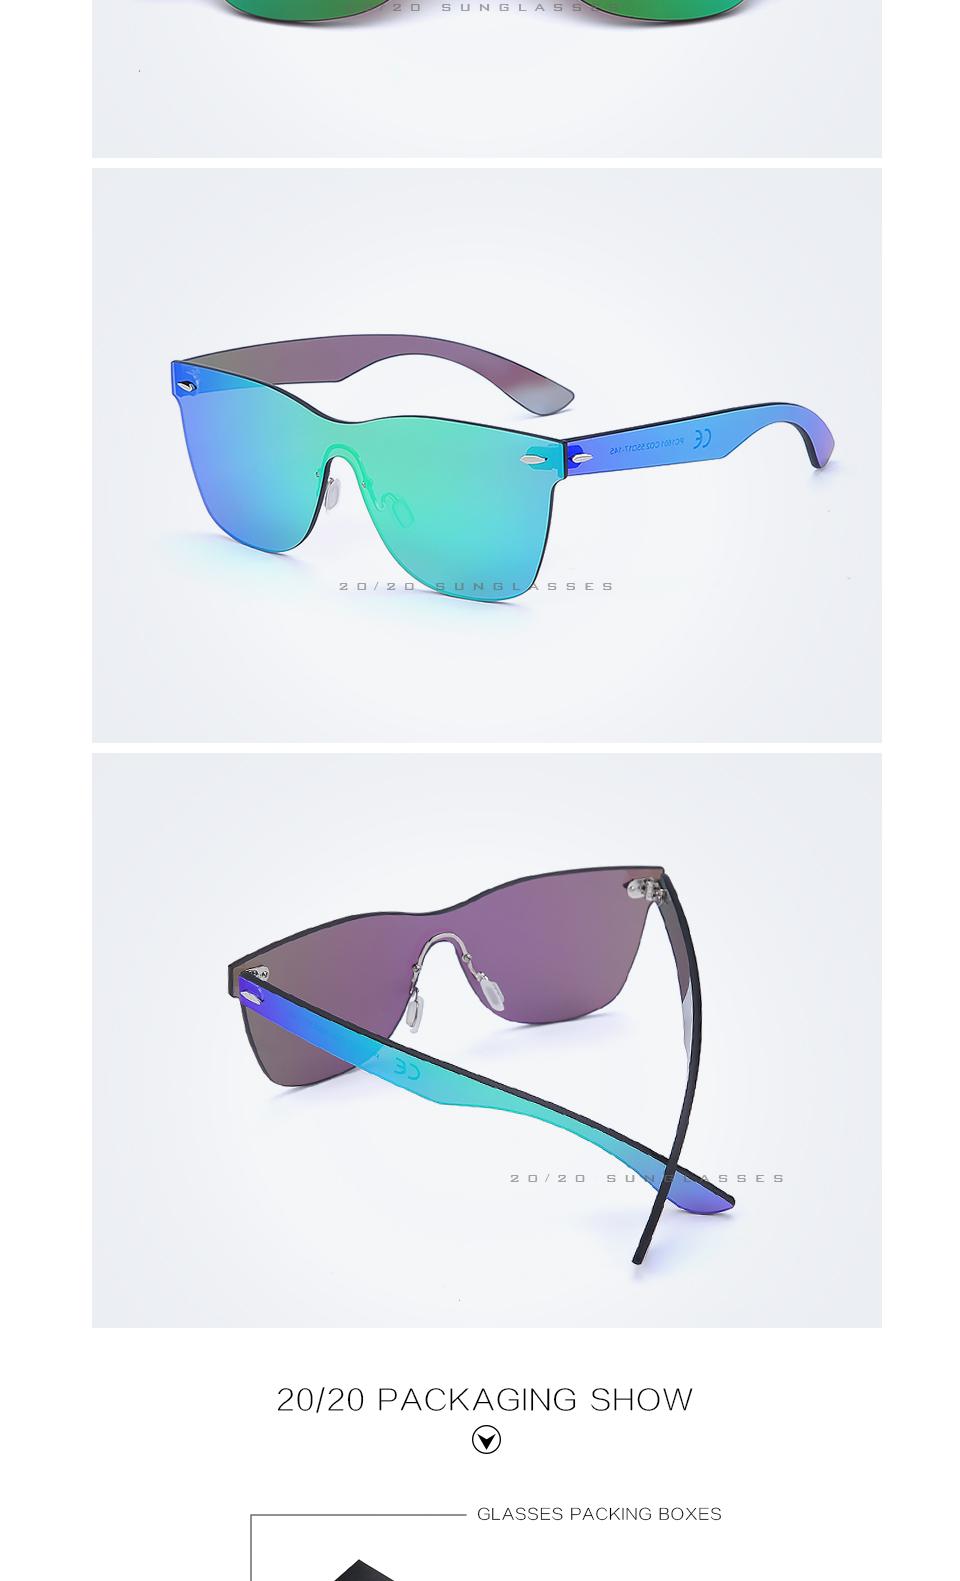 20/20 Marka Vintage Style Bez Oprawek Okularów Przeciwsłonecznych Mężczyzna Soczewka Płaska PC1601 Kwadratowych Rama Kobiety Okulary Óculos Gafas 5